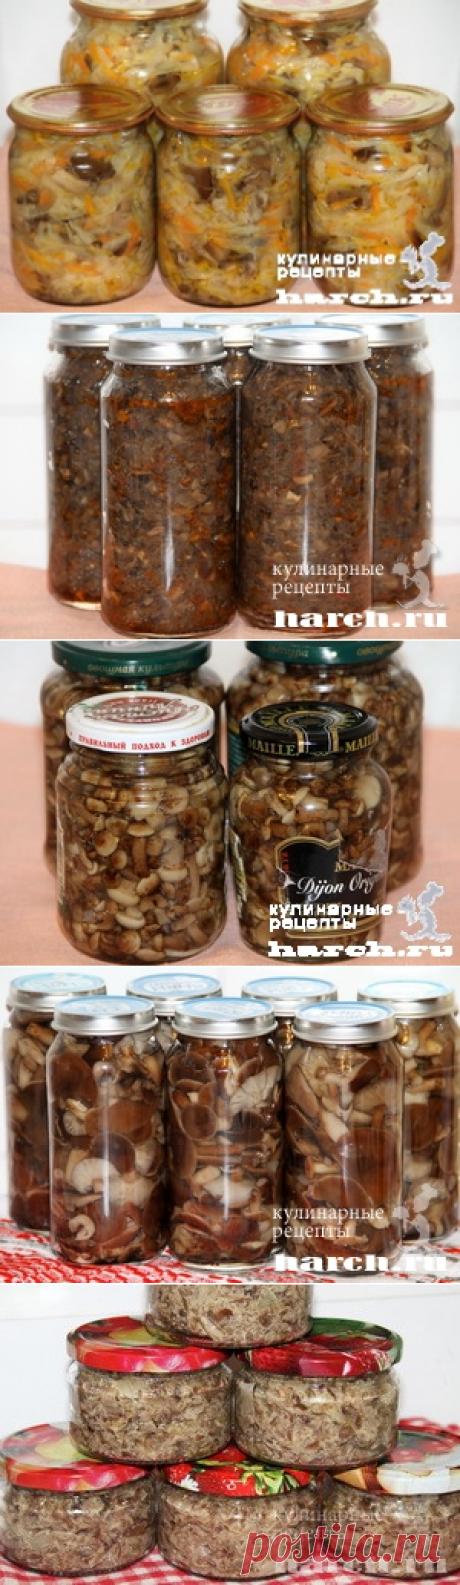 Заготовки из грибов | Фоторецепты на Харч.ру